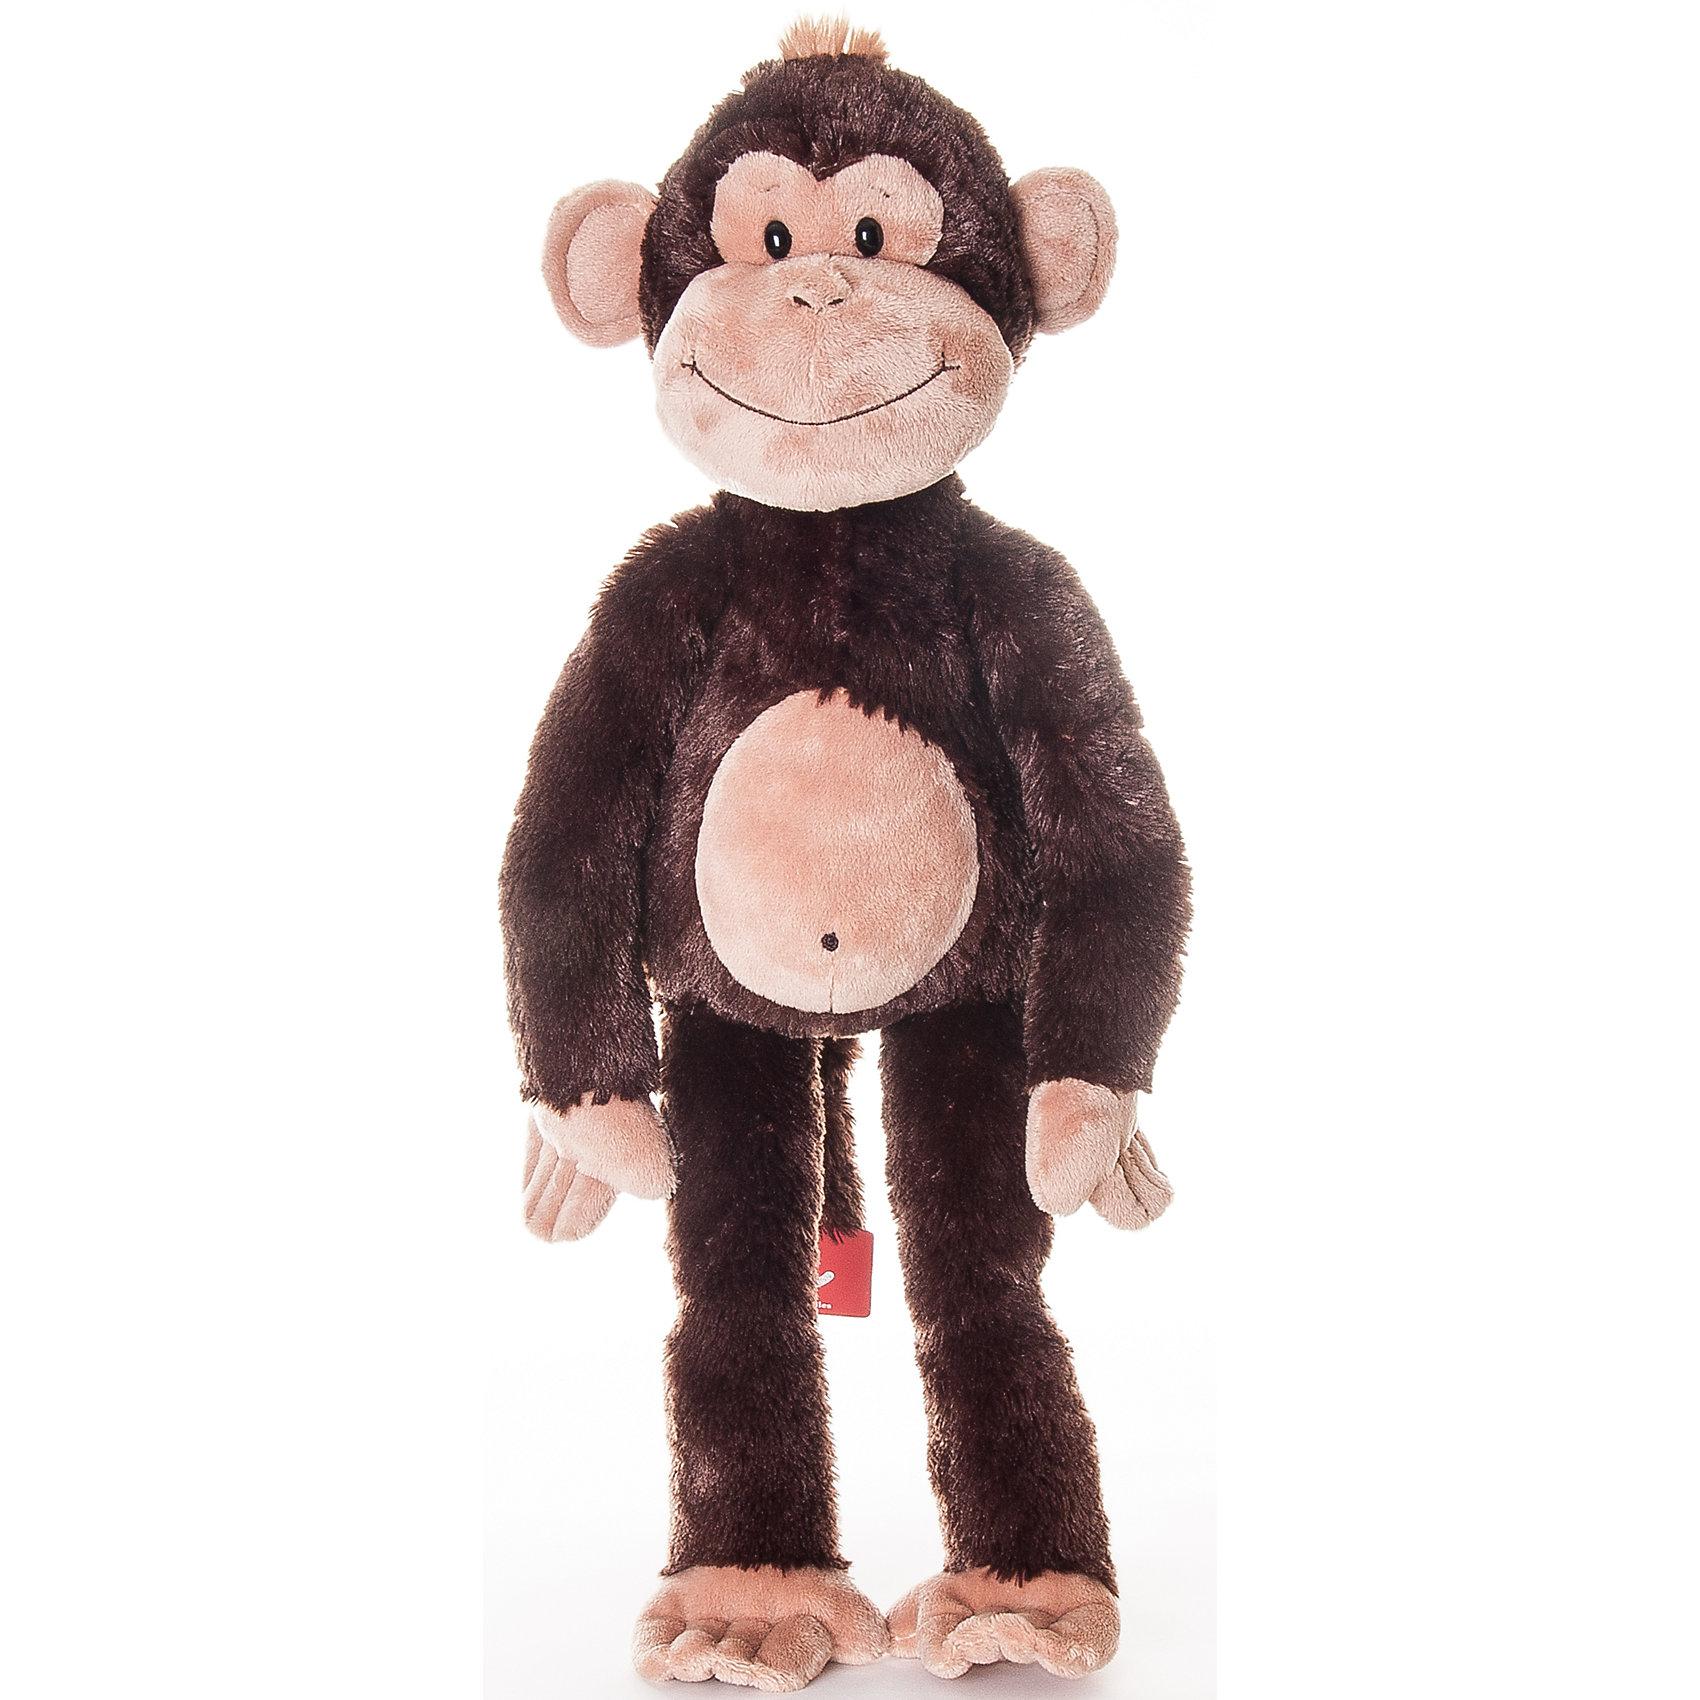 AURORA Мягкая игрушка Обезьянка Чарли, 30 см., AURORA большую мягкую игрушку собаку лежа в москве